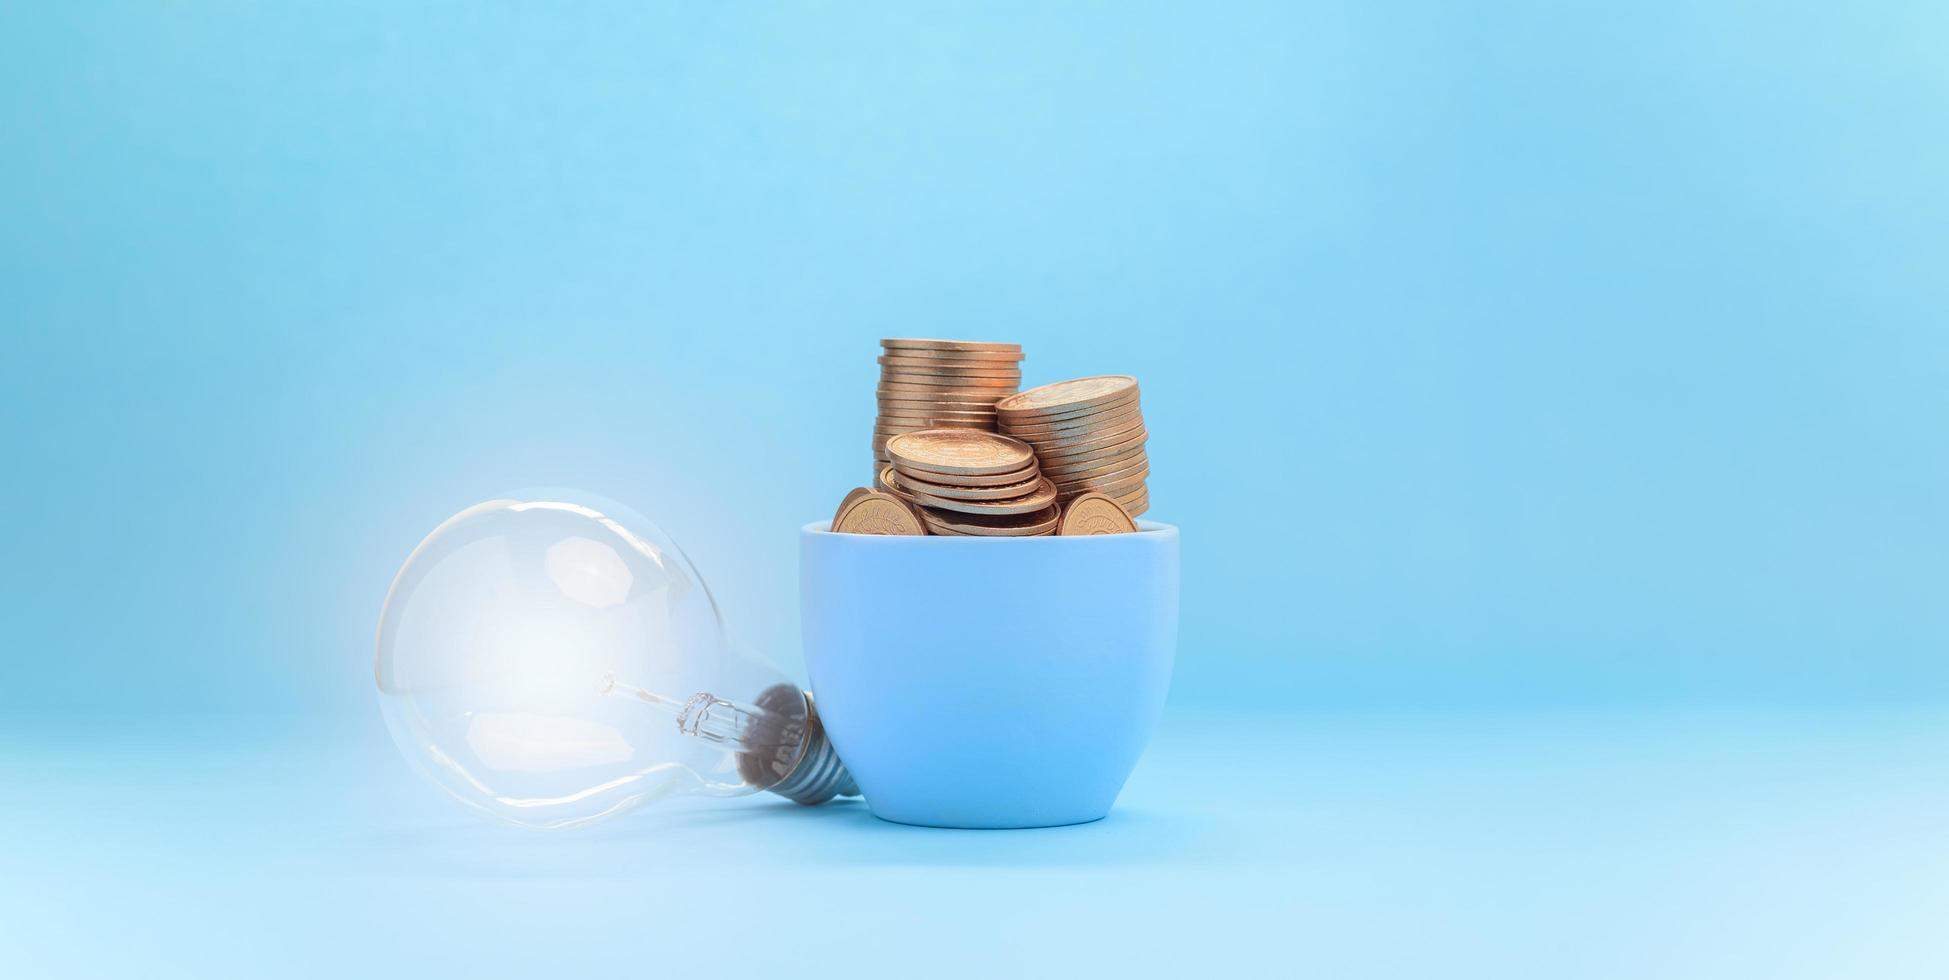 concepto de inversión stock finanzas crecimiento ahorrando dinero foto